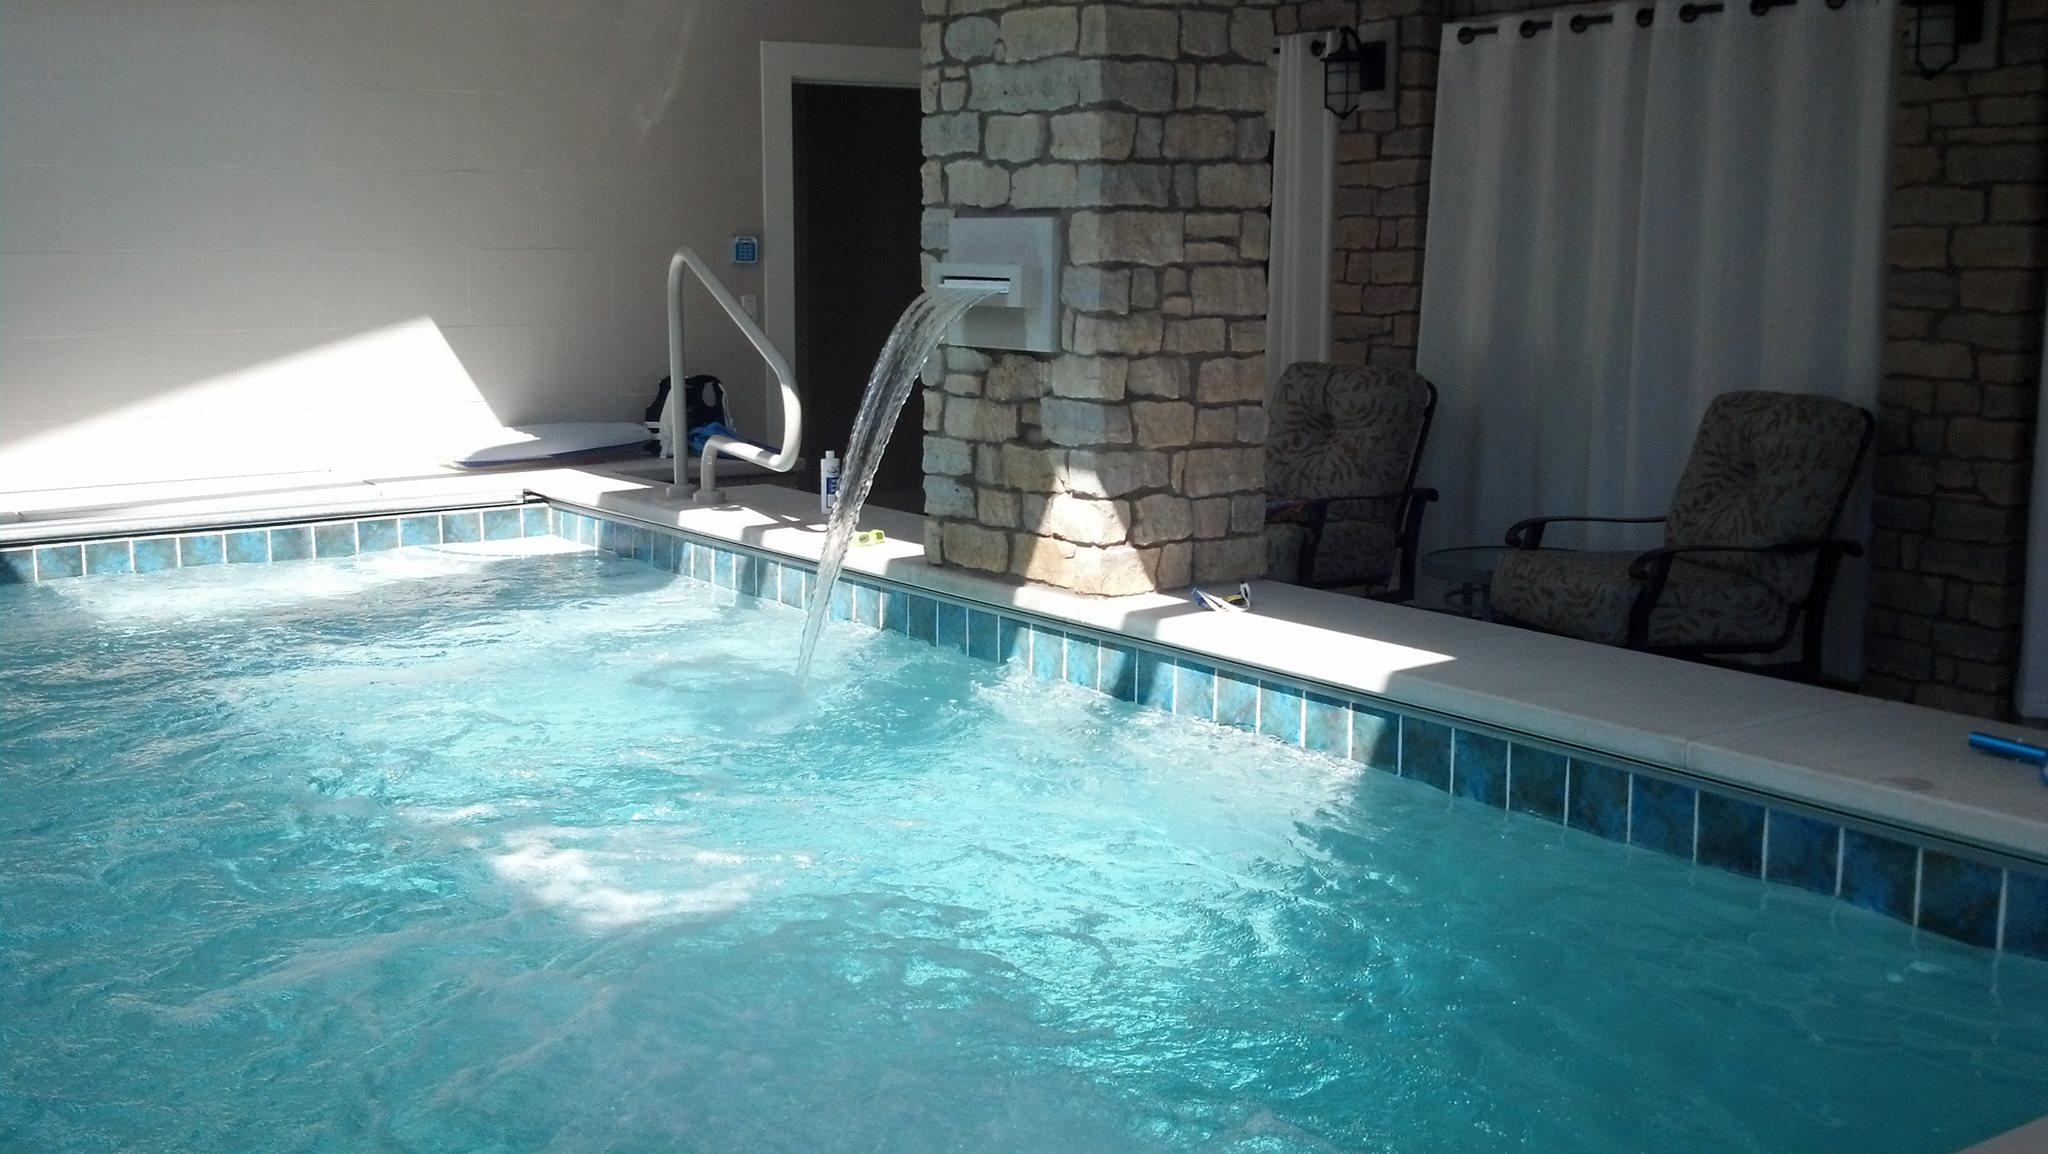 gunite pool completed baycity2.jpg